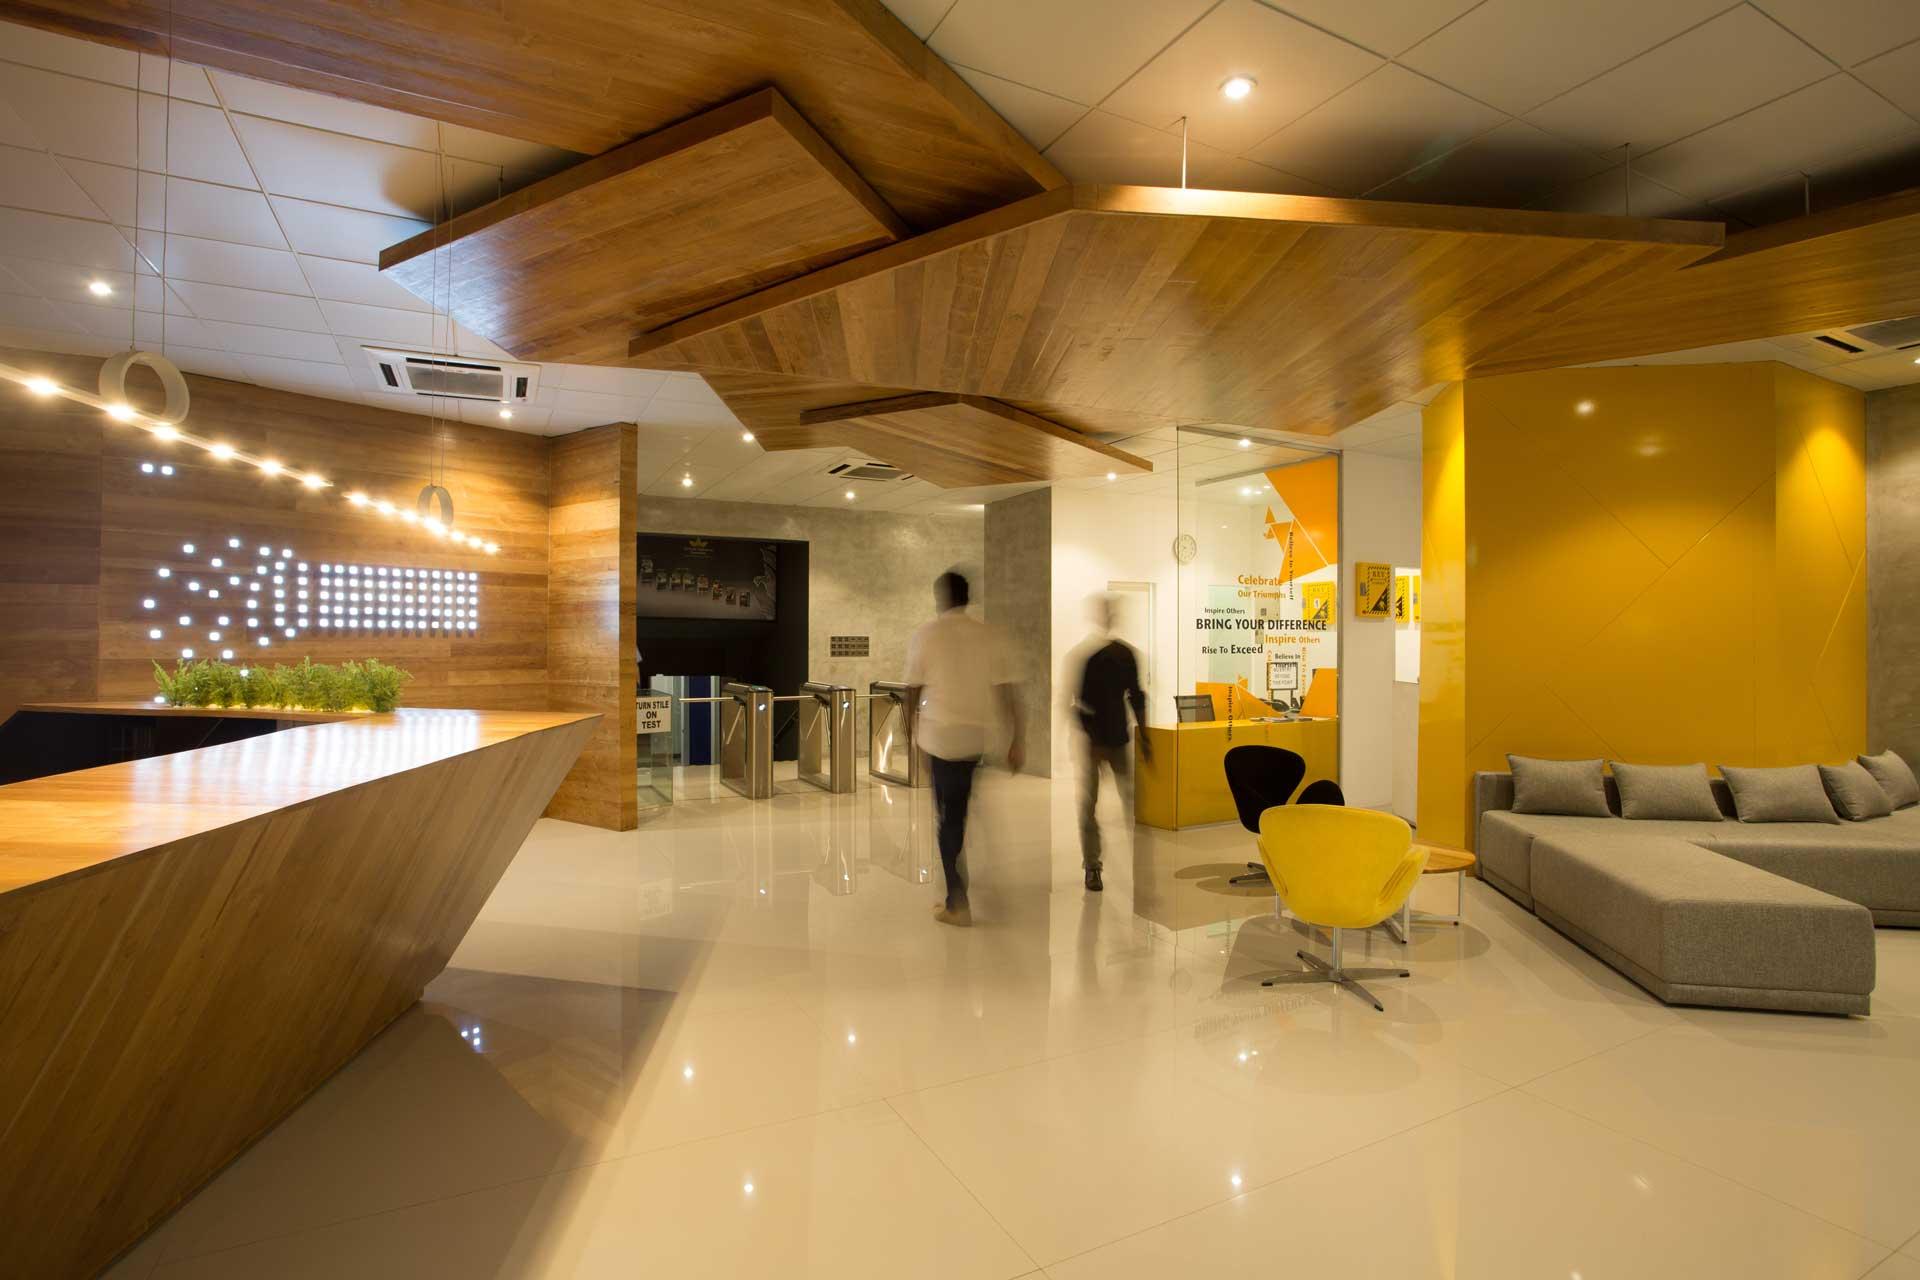 Ceylon Tobacco Company Image 10 | Corporate Interior Design